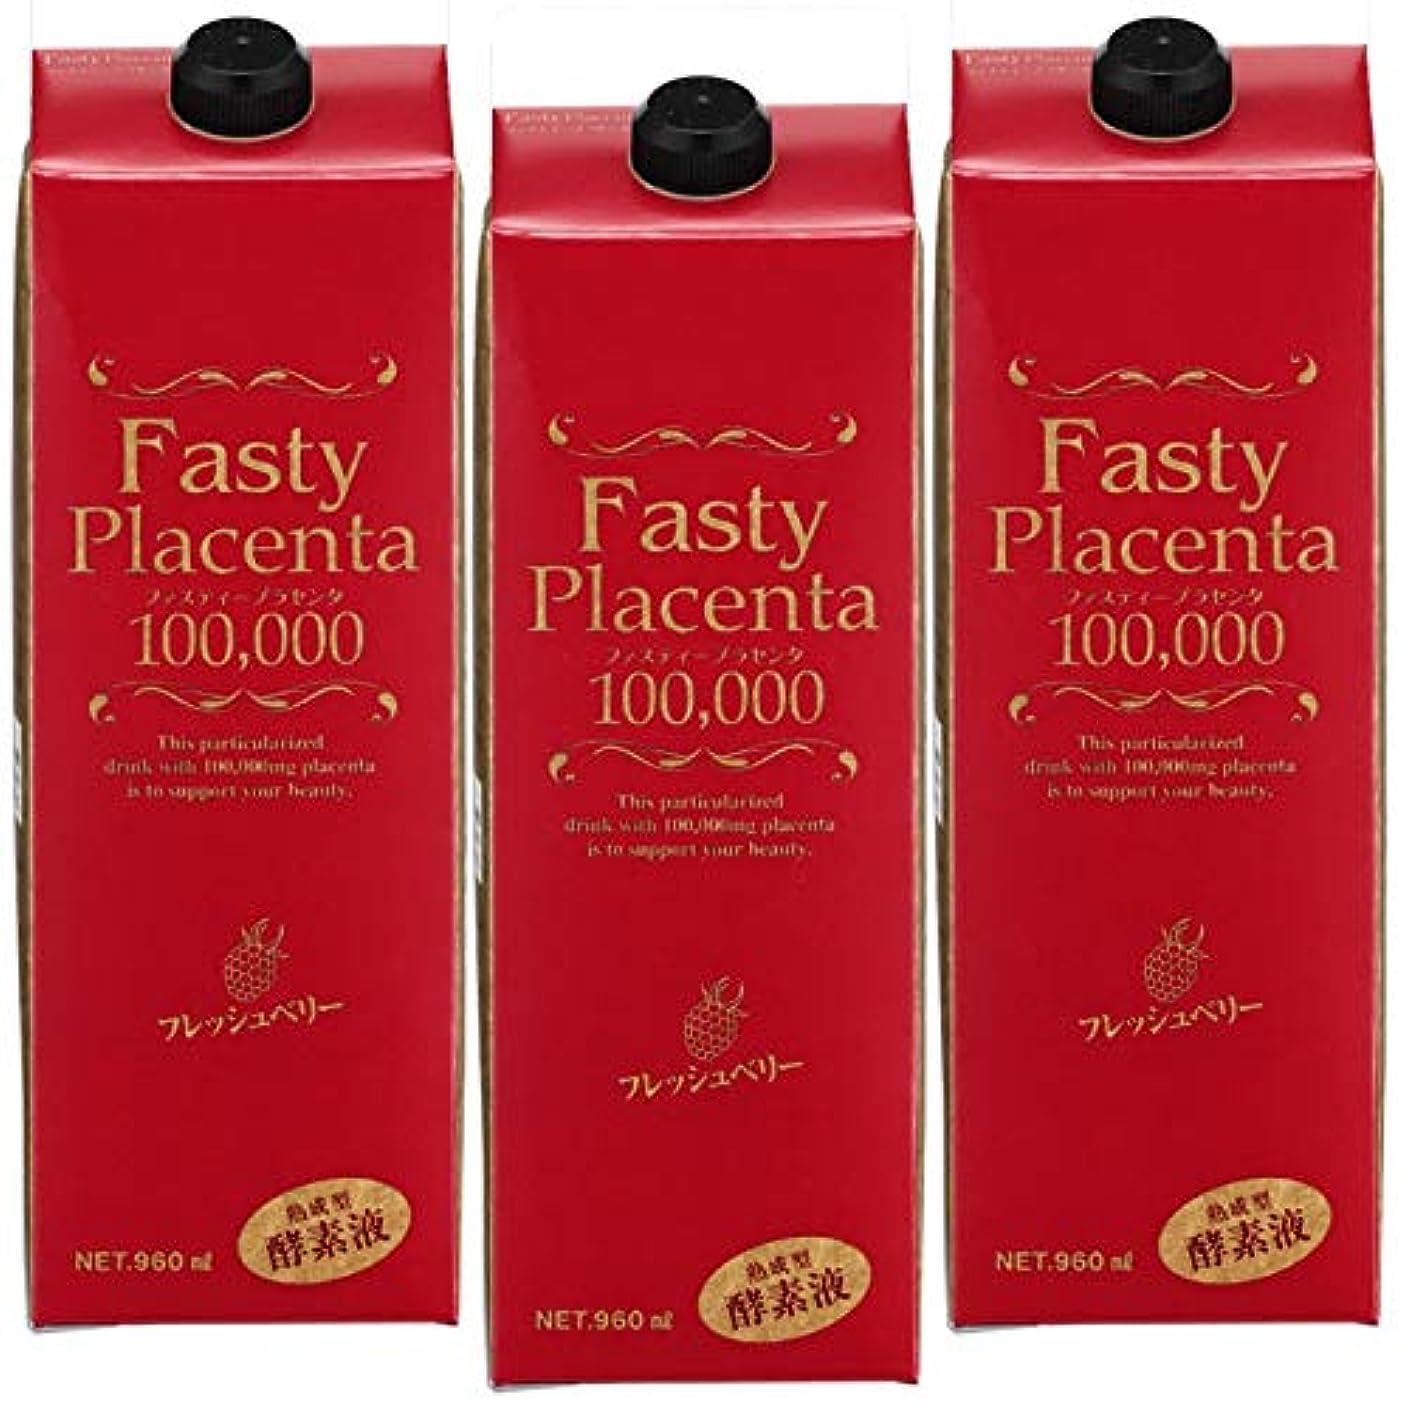 悪質なわずかに六月ファスティープラセンタ100,000 増量パック(フレッシュベリー味)3個